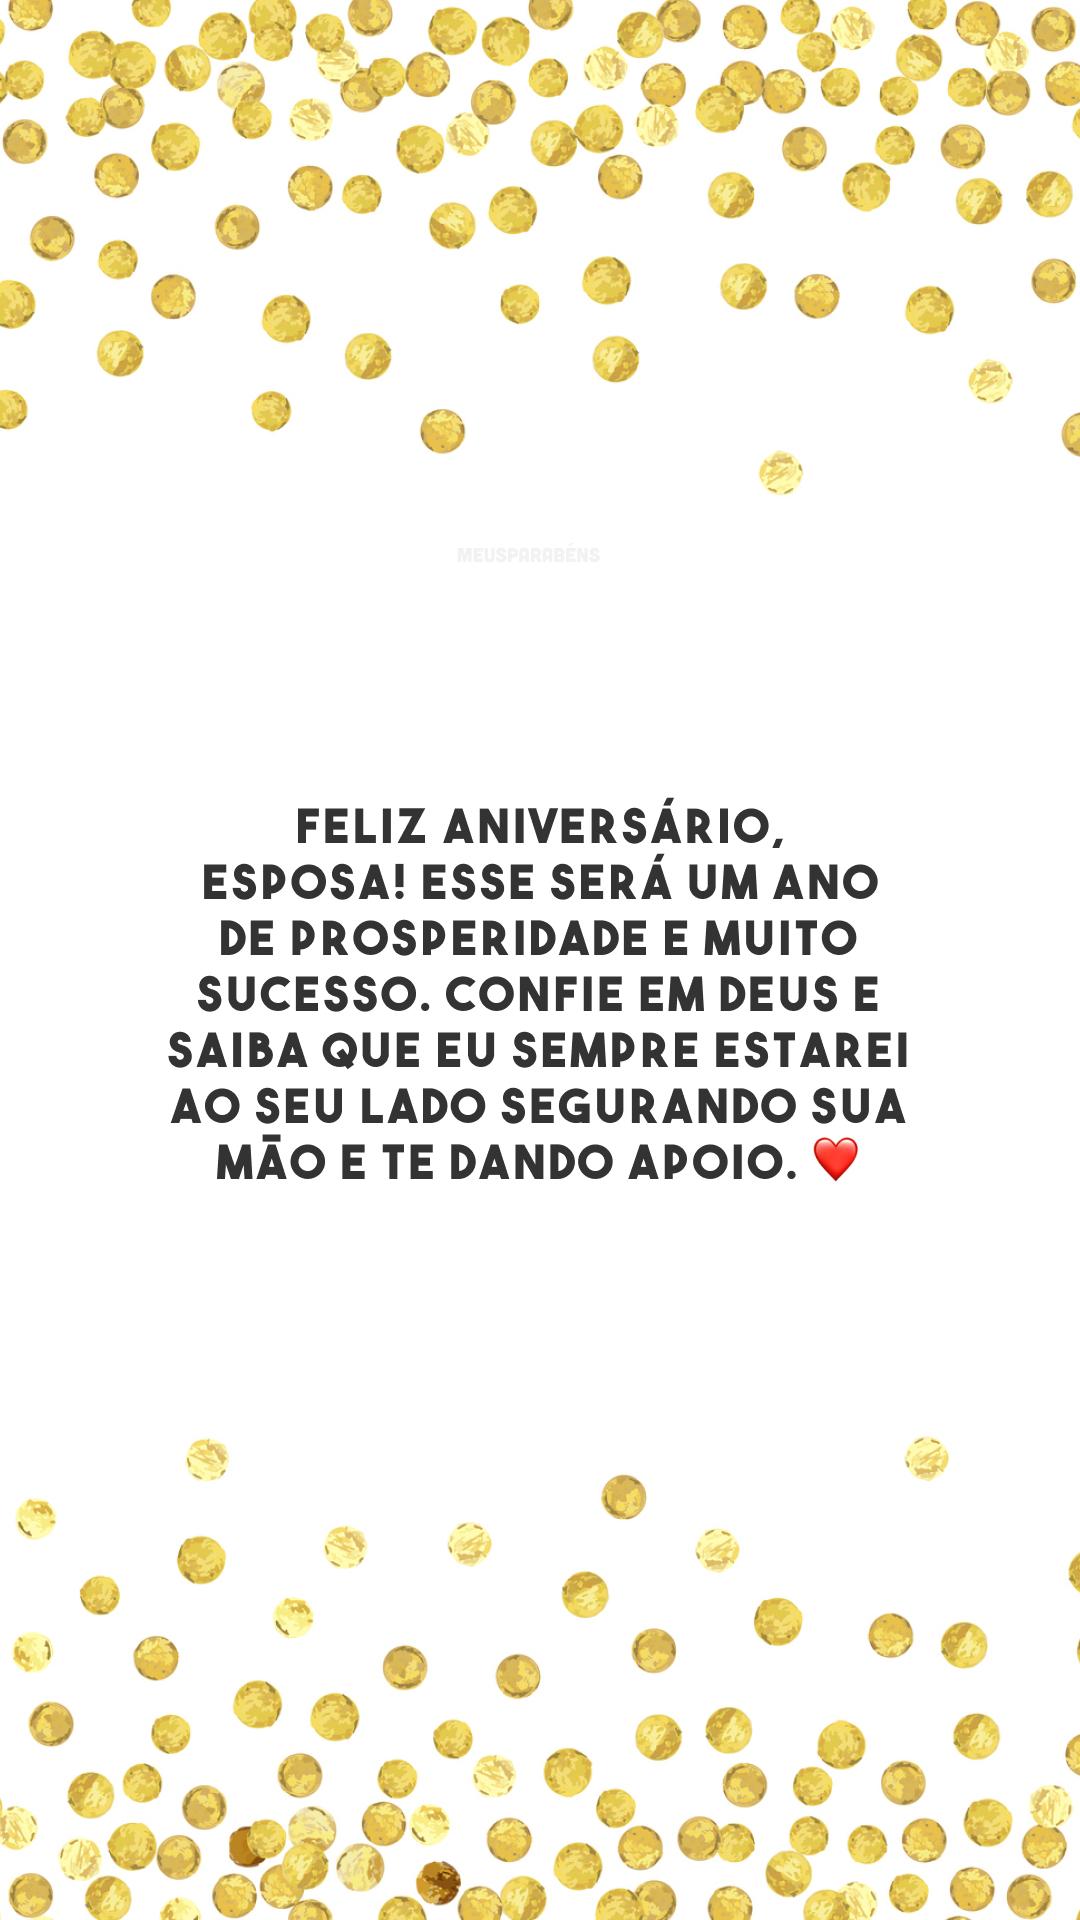 Feliz aniversário, esposa! Esse será um ano de prosperidade e muito sucesso. Confie em Deus e saiba que eu sempre estarei ao seu lado segurando sua mão e te dando apoio. ❤️